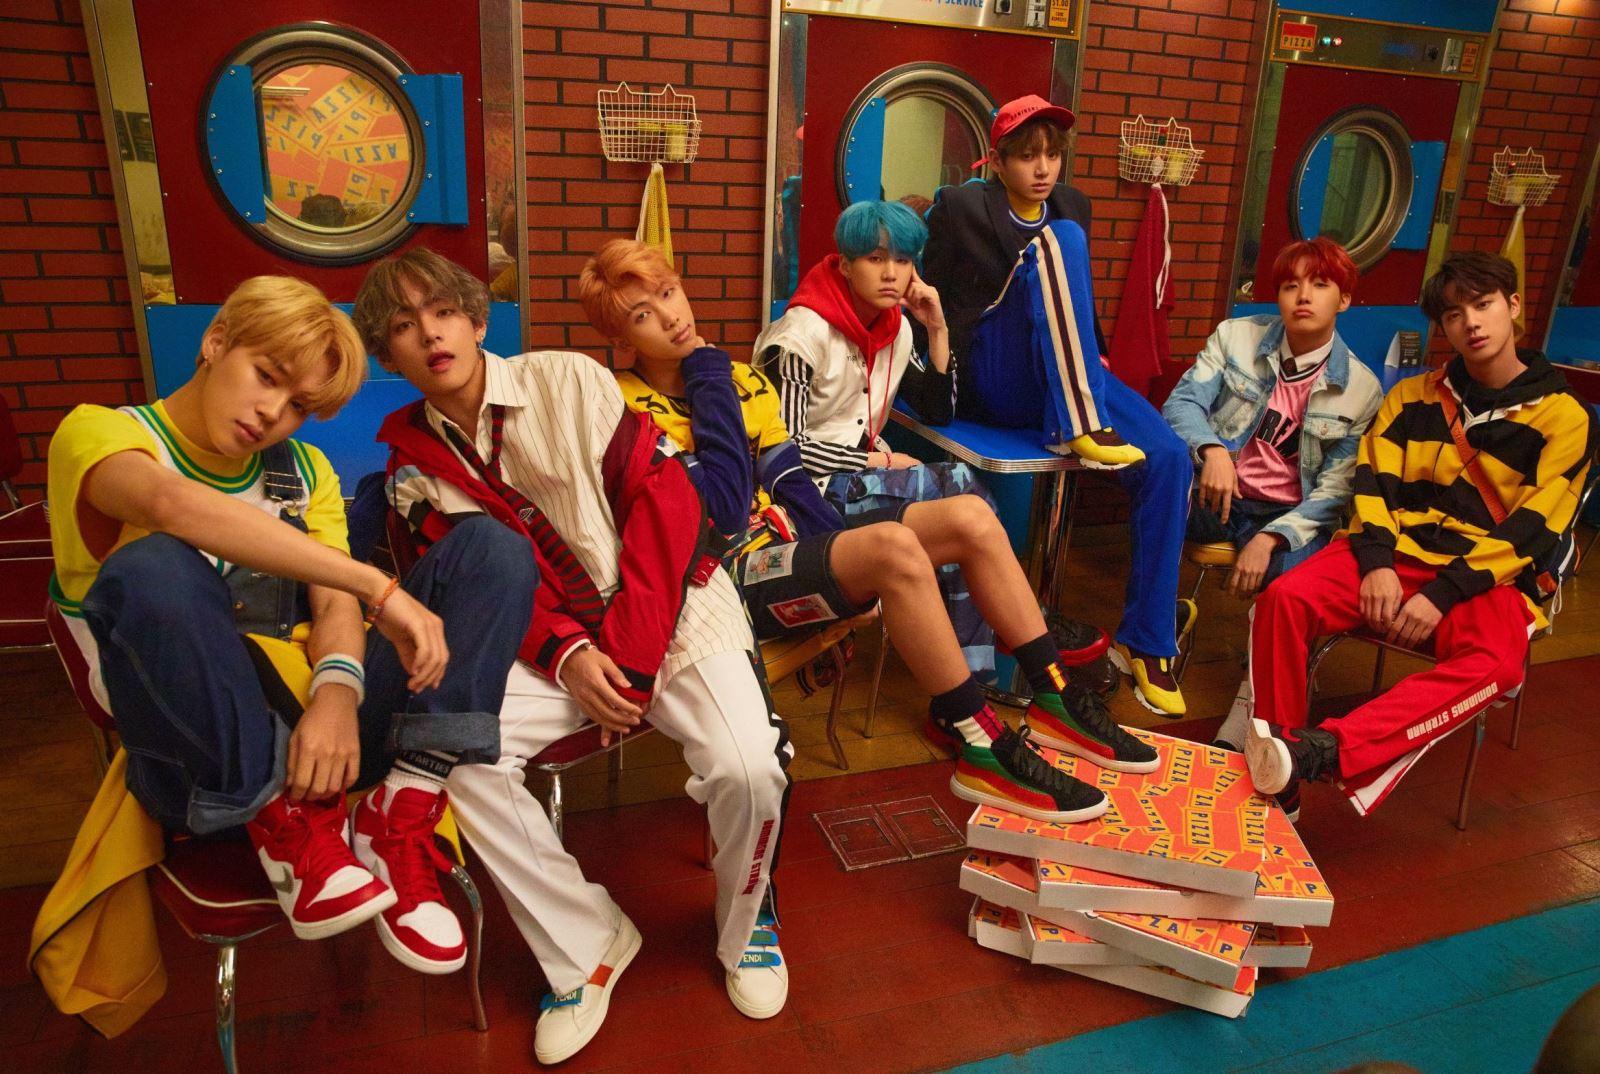 BTS, Phòng cách BTS, Phong cách thời trang của BTS, Love Yourself Her, DNA, BTS, Phong cách thời trang BTS, bts world, bts idol, bts đẹp trai, ảnh bts đẹp trai, bts v